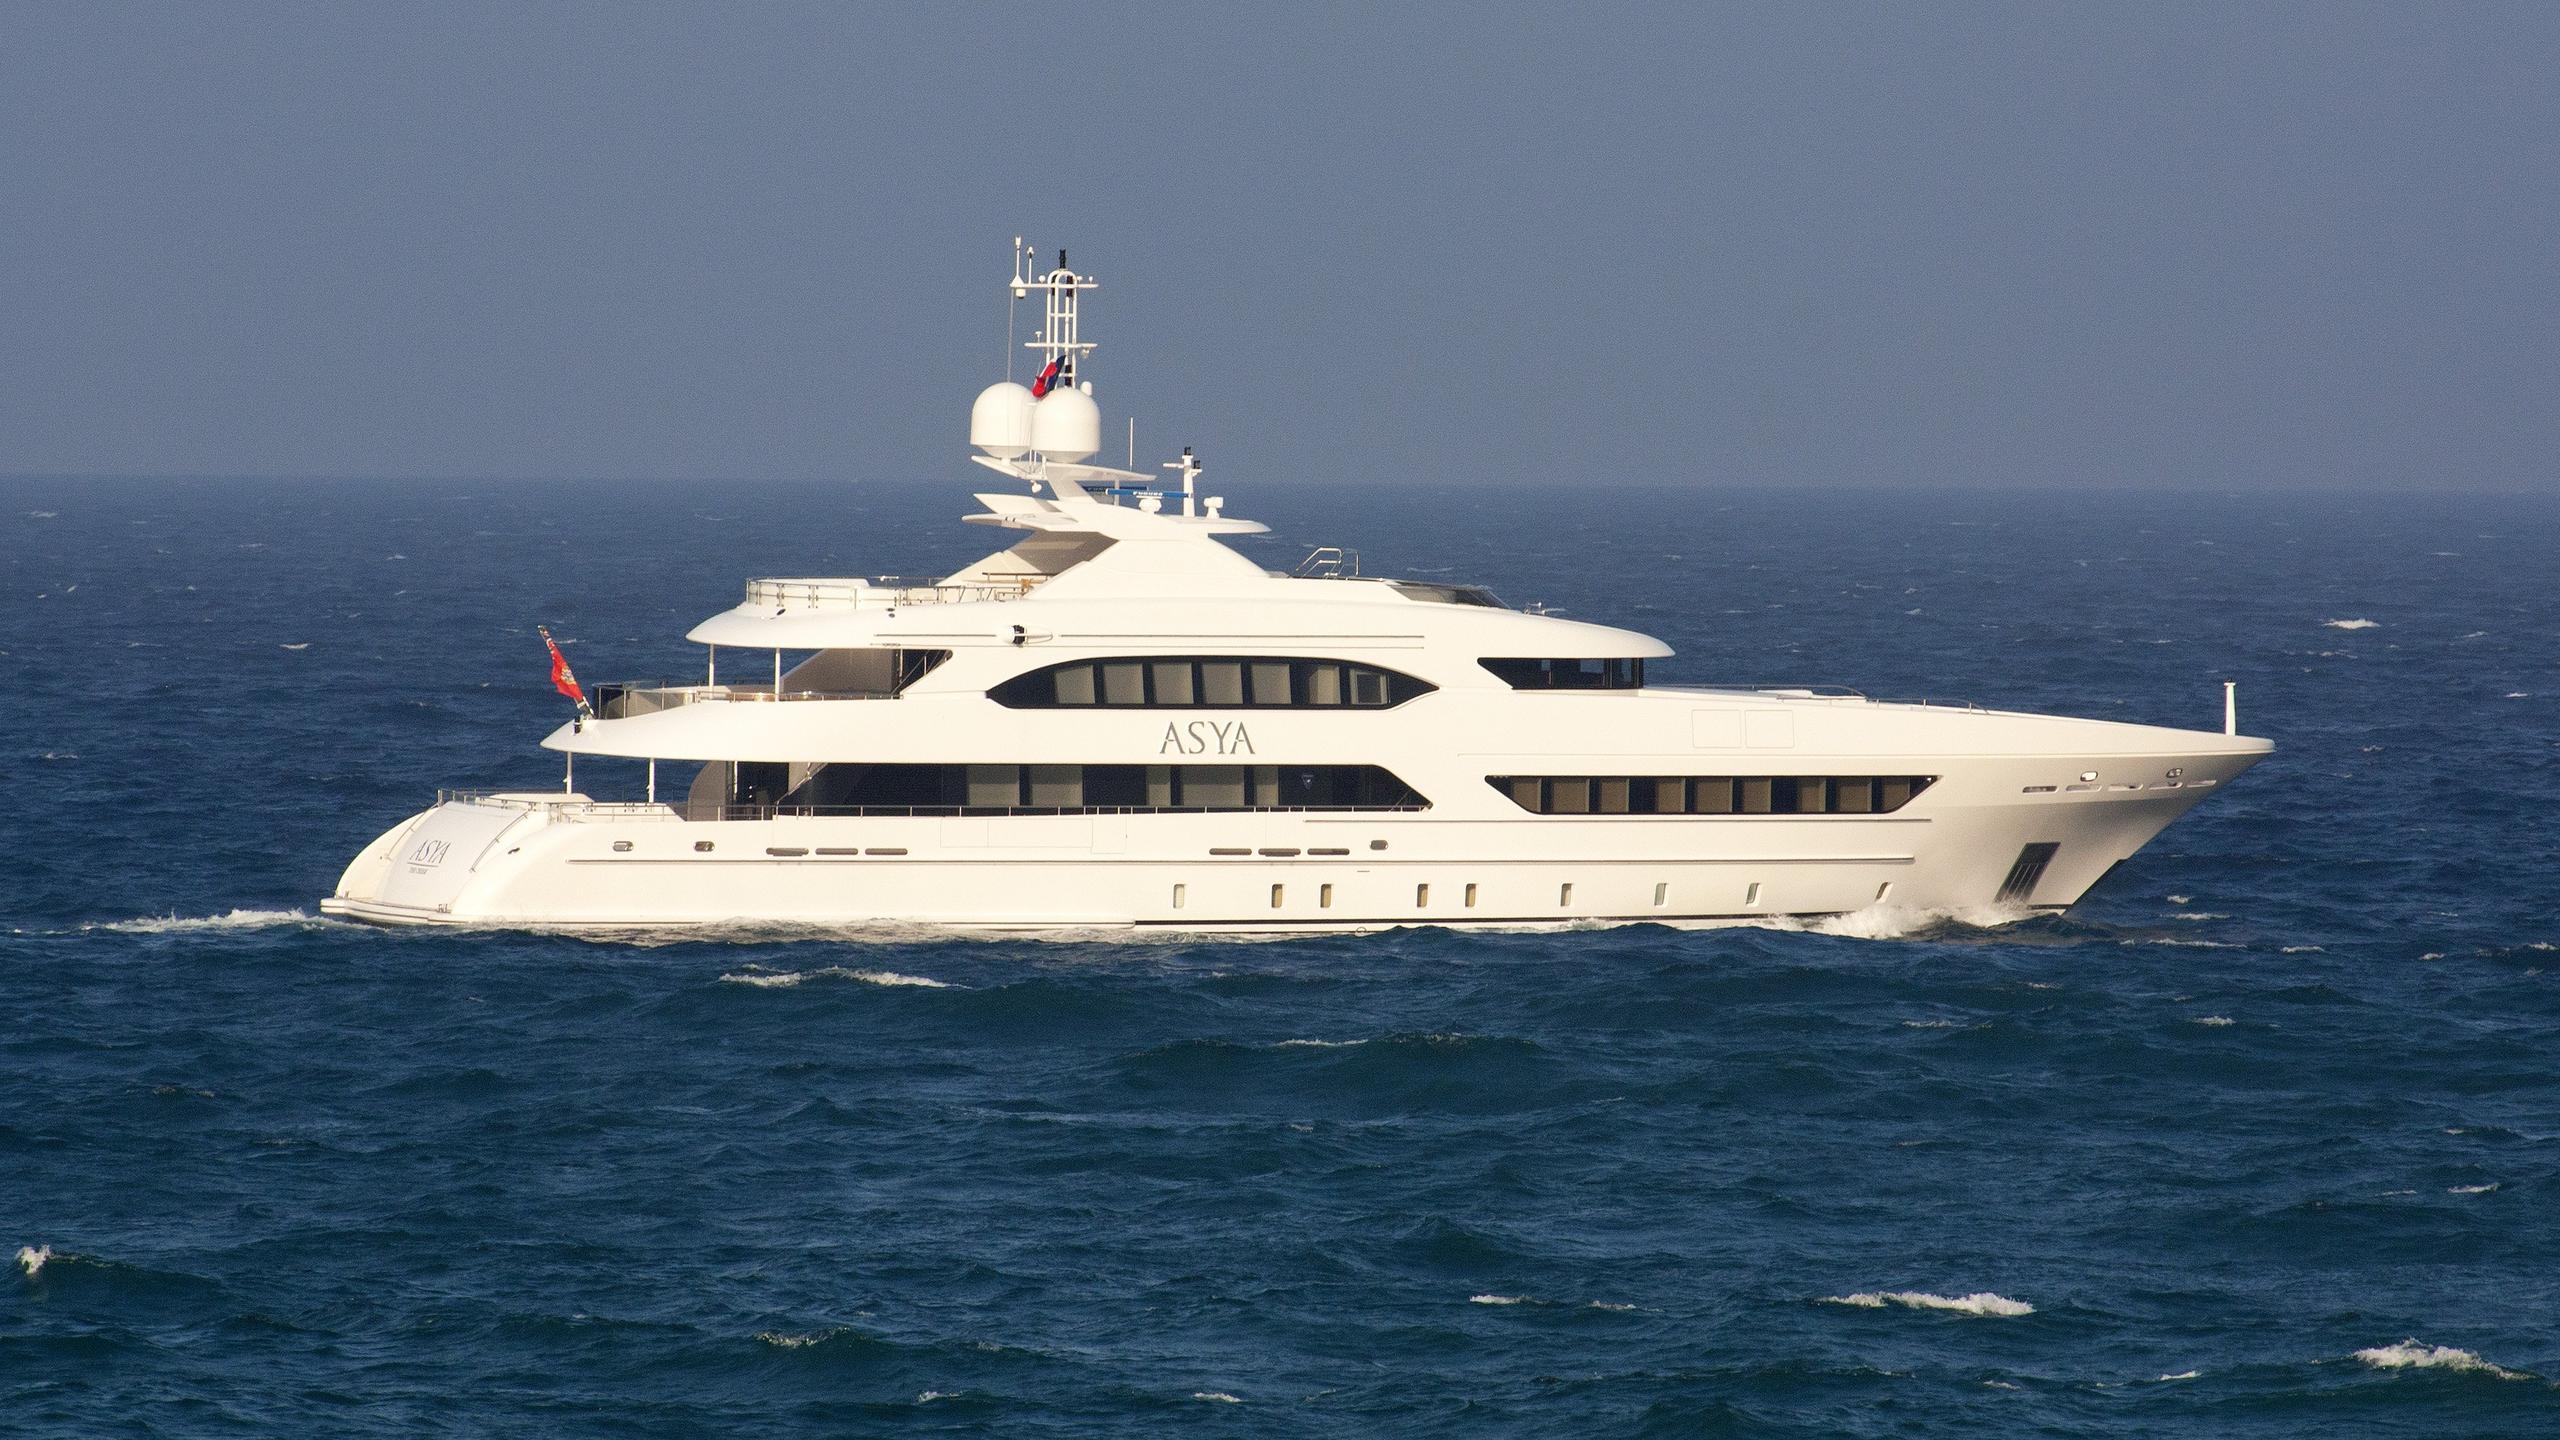 asya motoryacht heesen yachts 2015 47m running profile